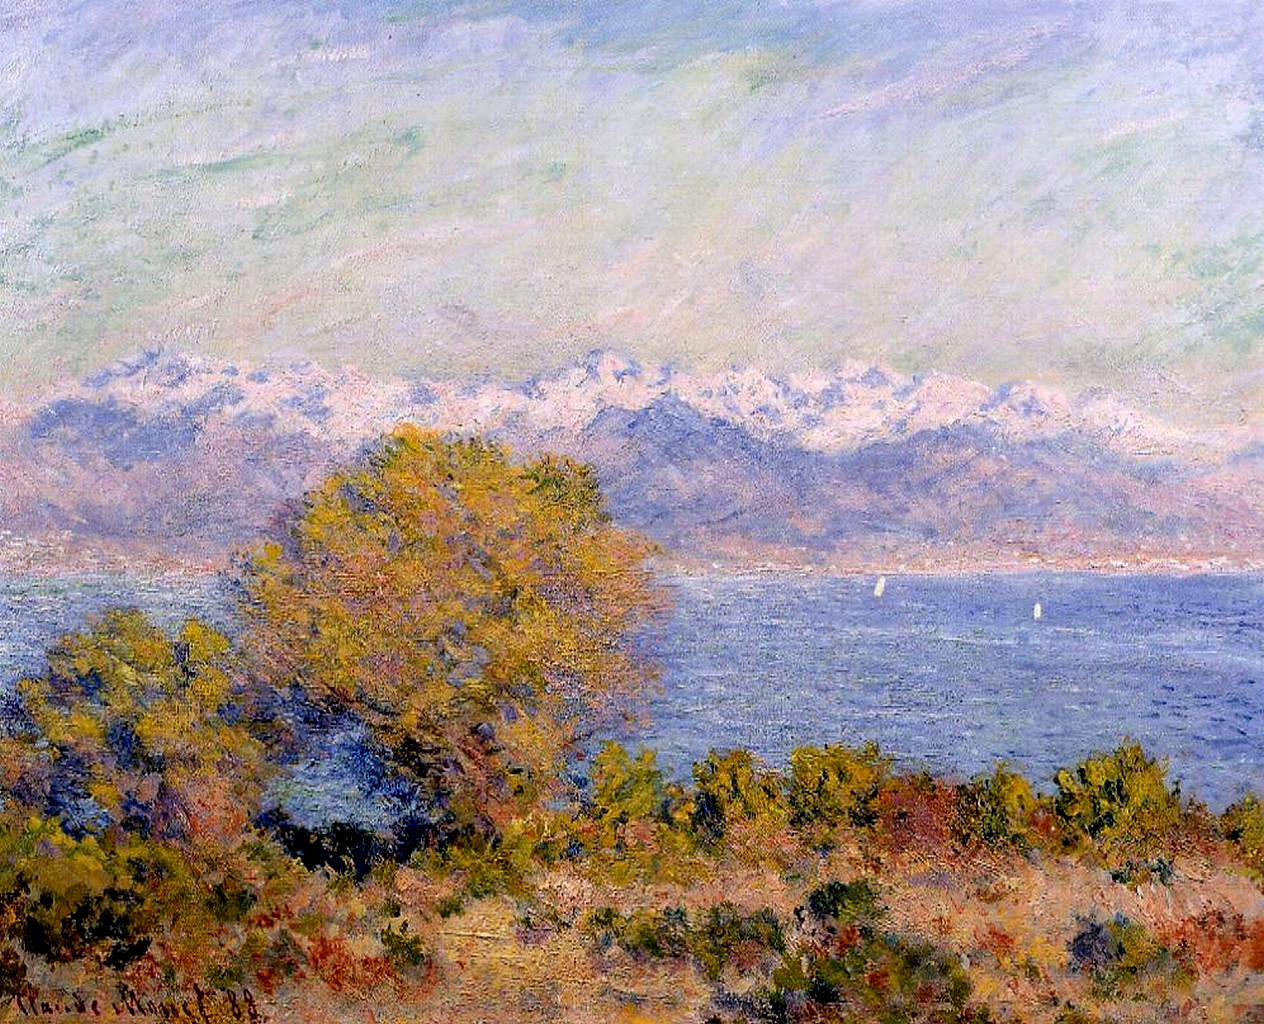 южные пейзажи < Альпы, вид с мыса Антиба >:: Клод Моне, описание картины - Моне Клод (Claude Monet) фото